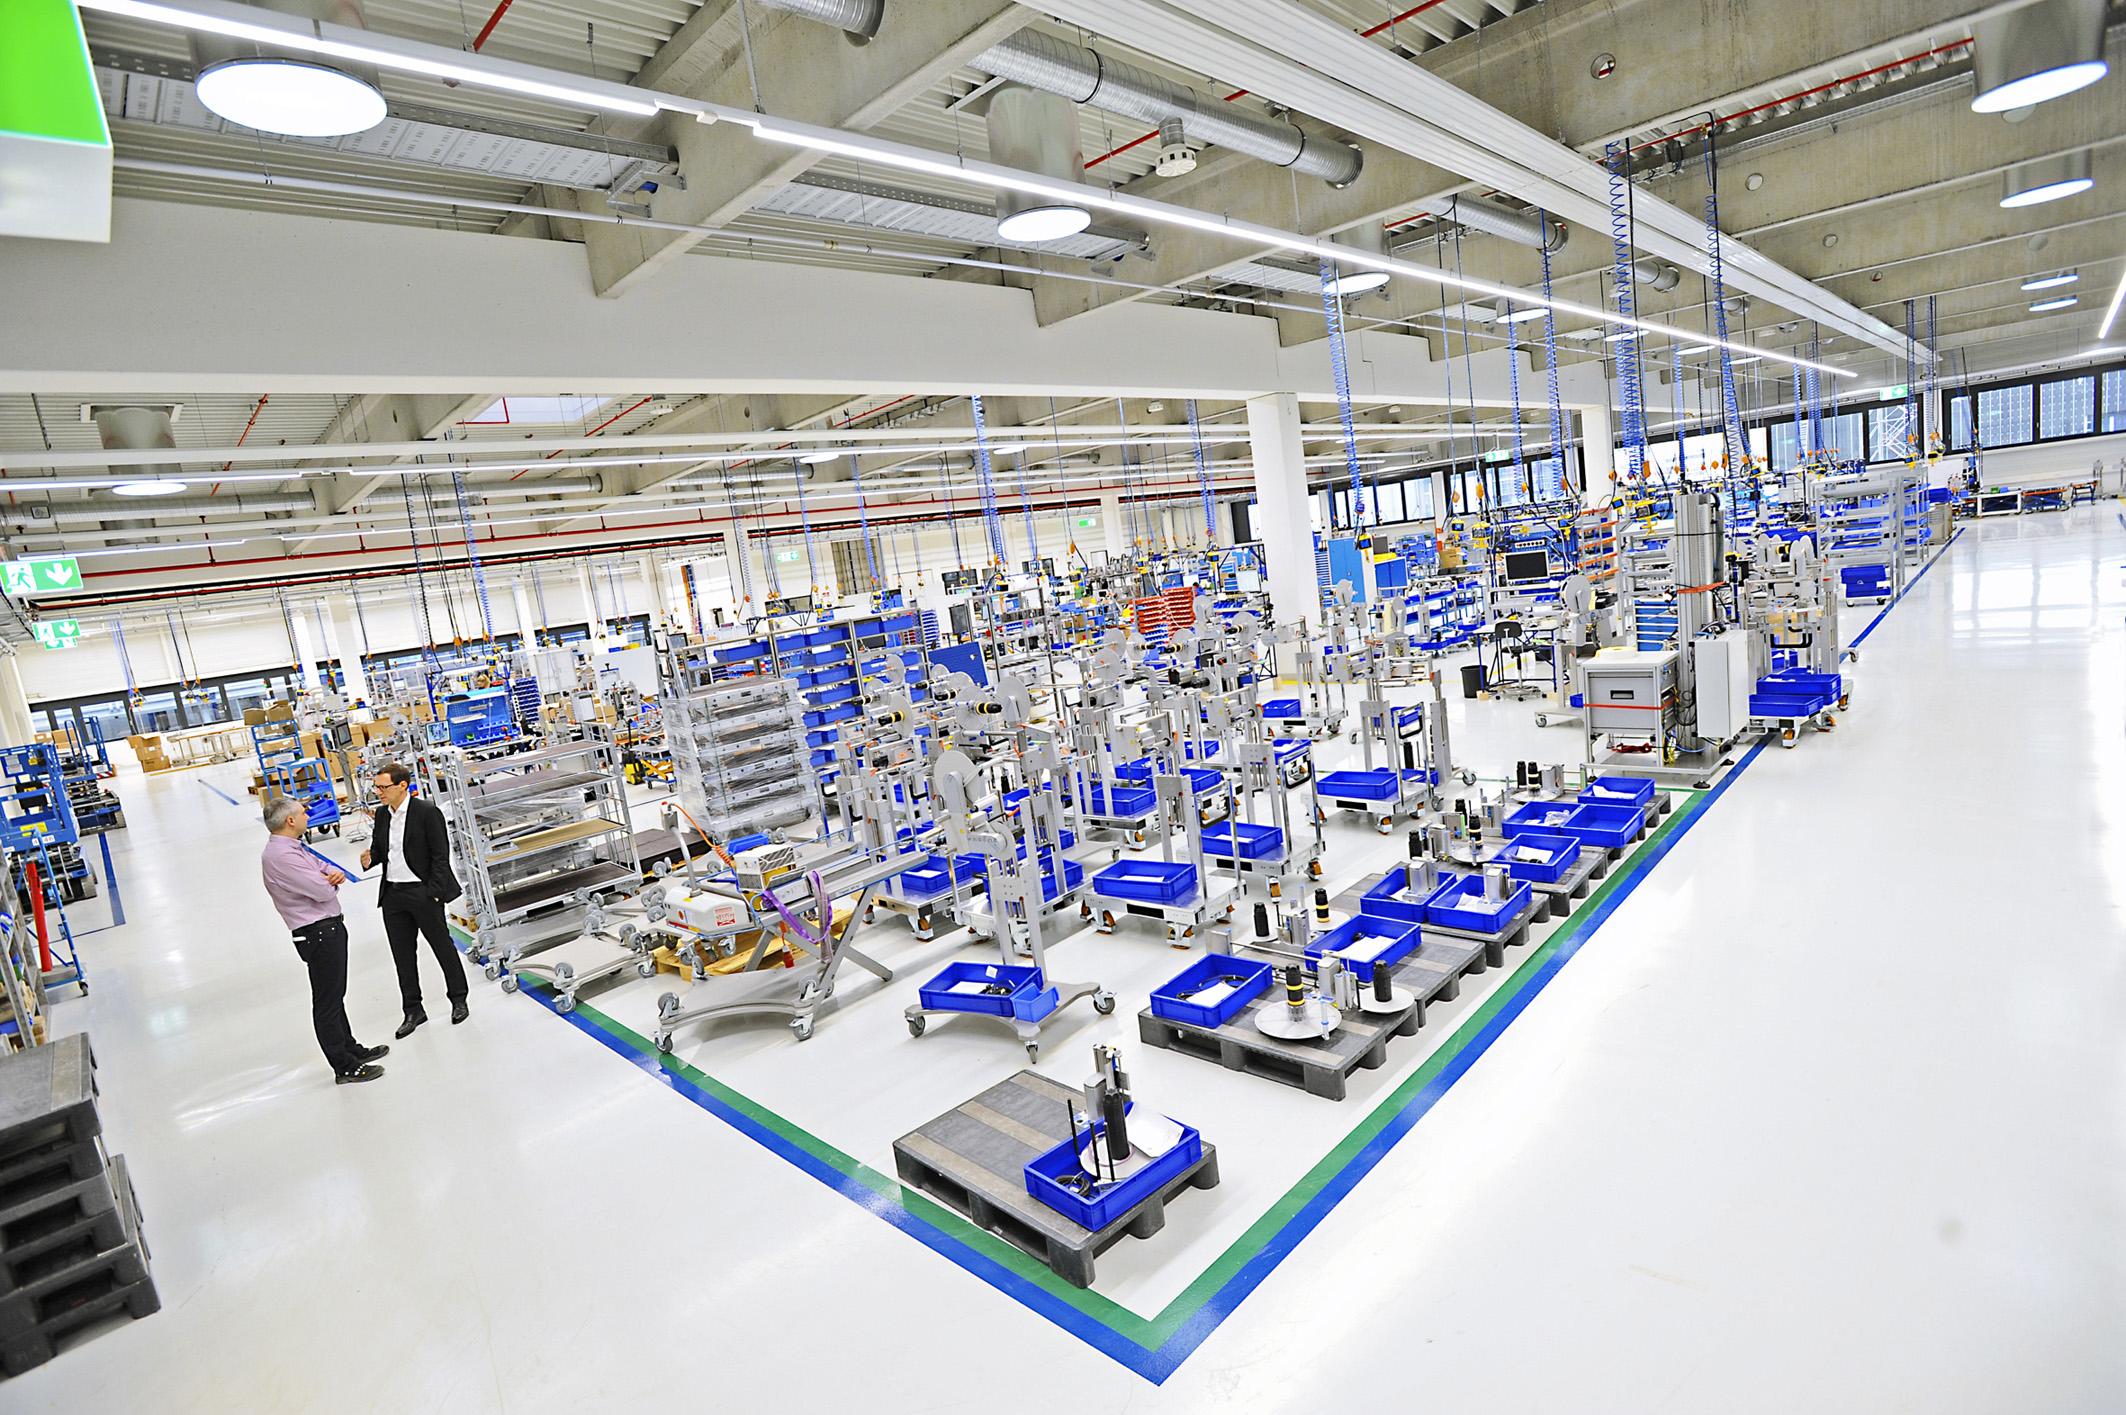 Neues Werk für Etikettiermaschinen in Betrieb genommen: Weiter wachsen in Filderstadt